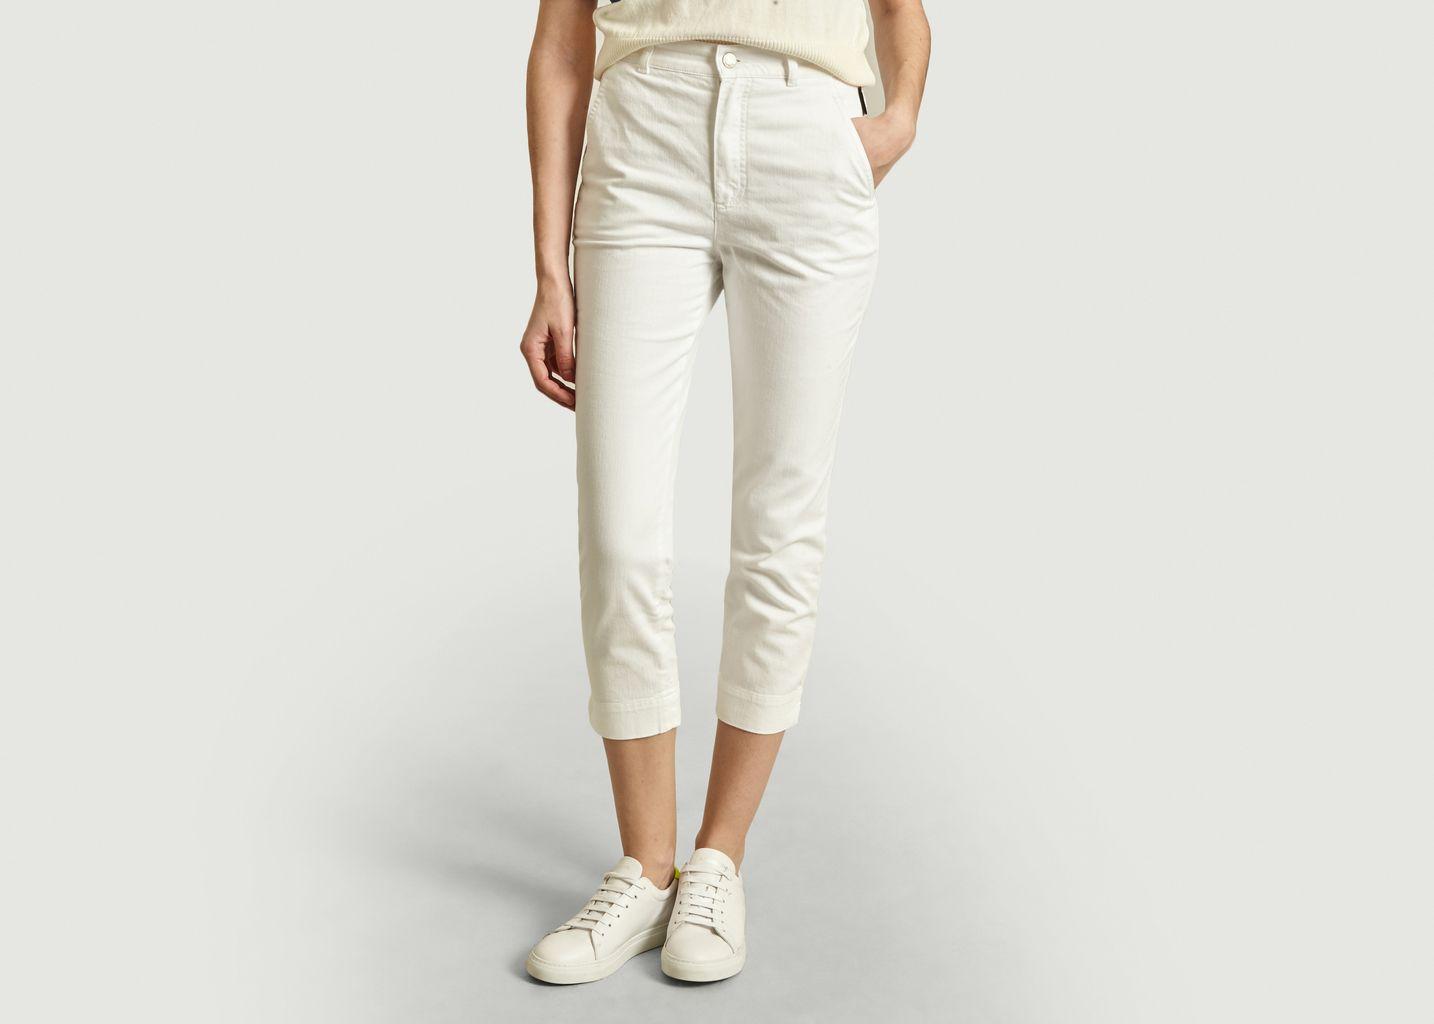 Pantalon 7/8e Marilyn - agnès b.